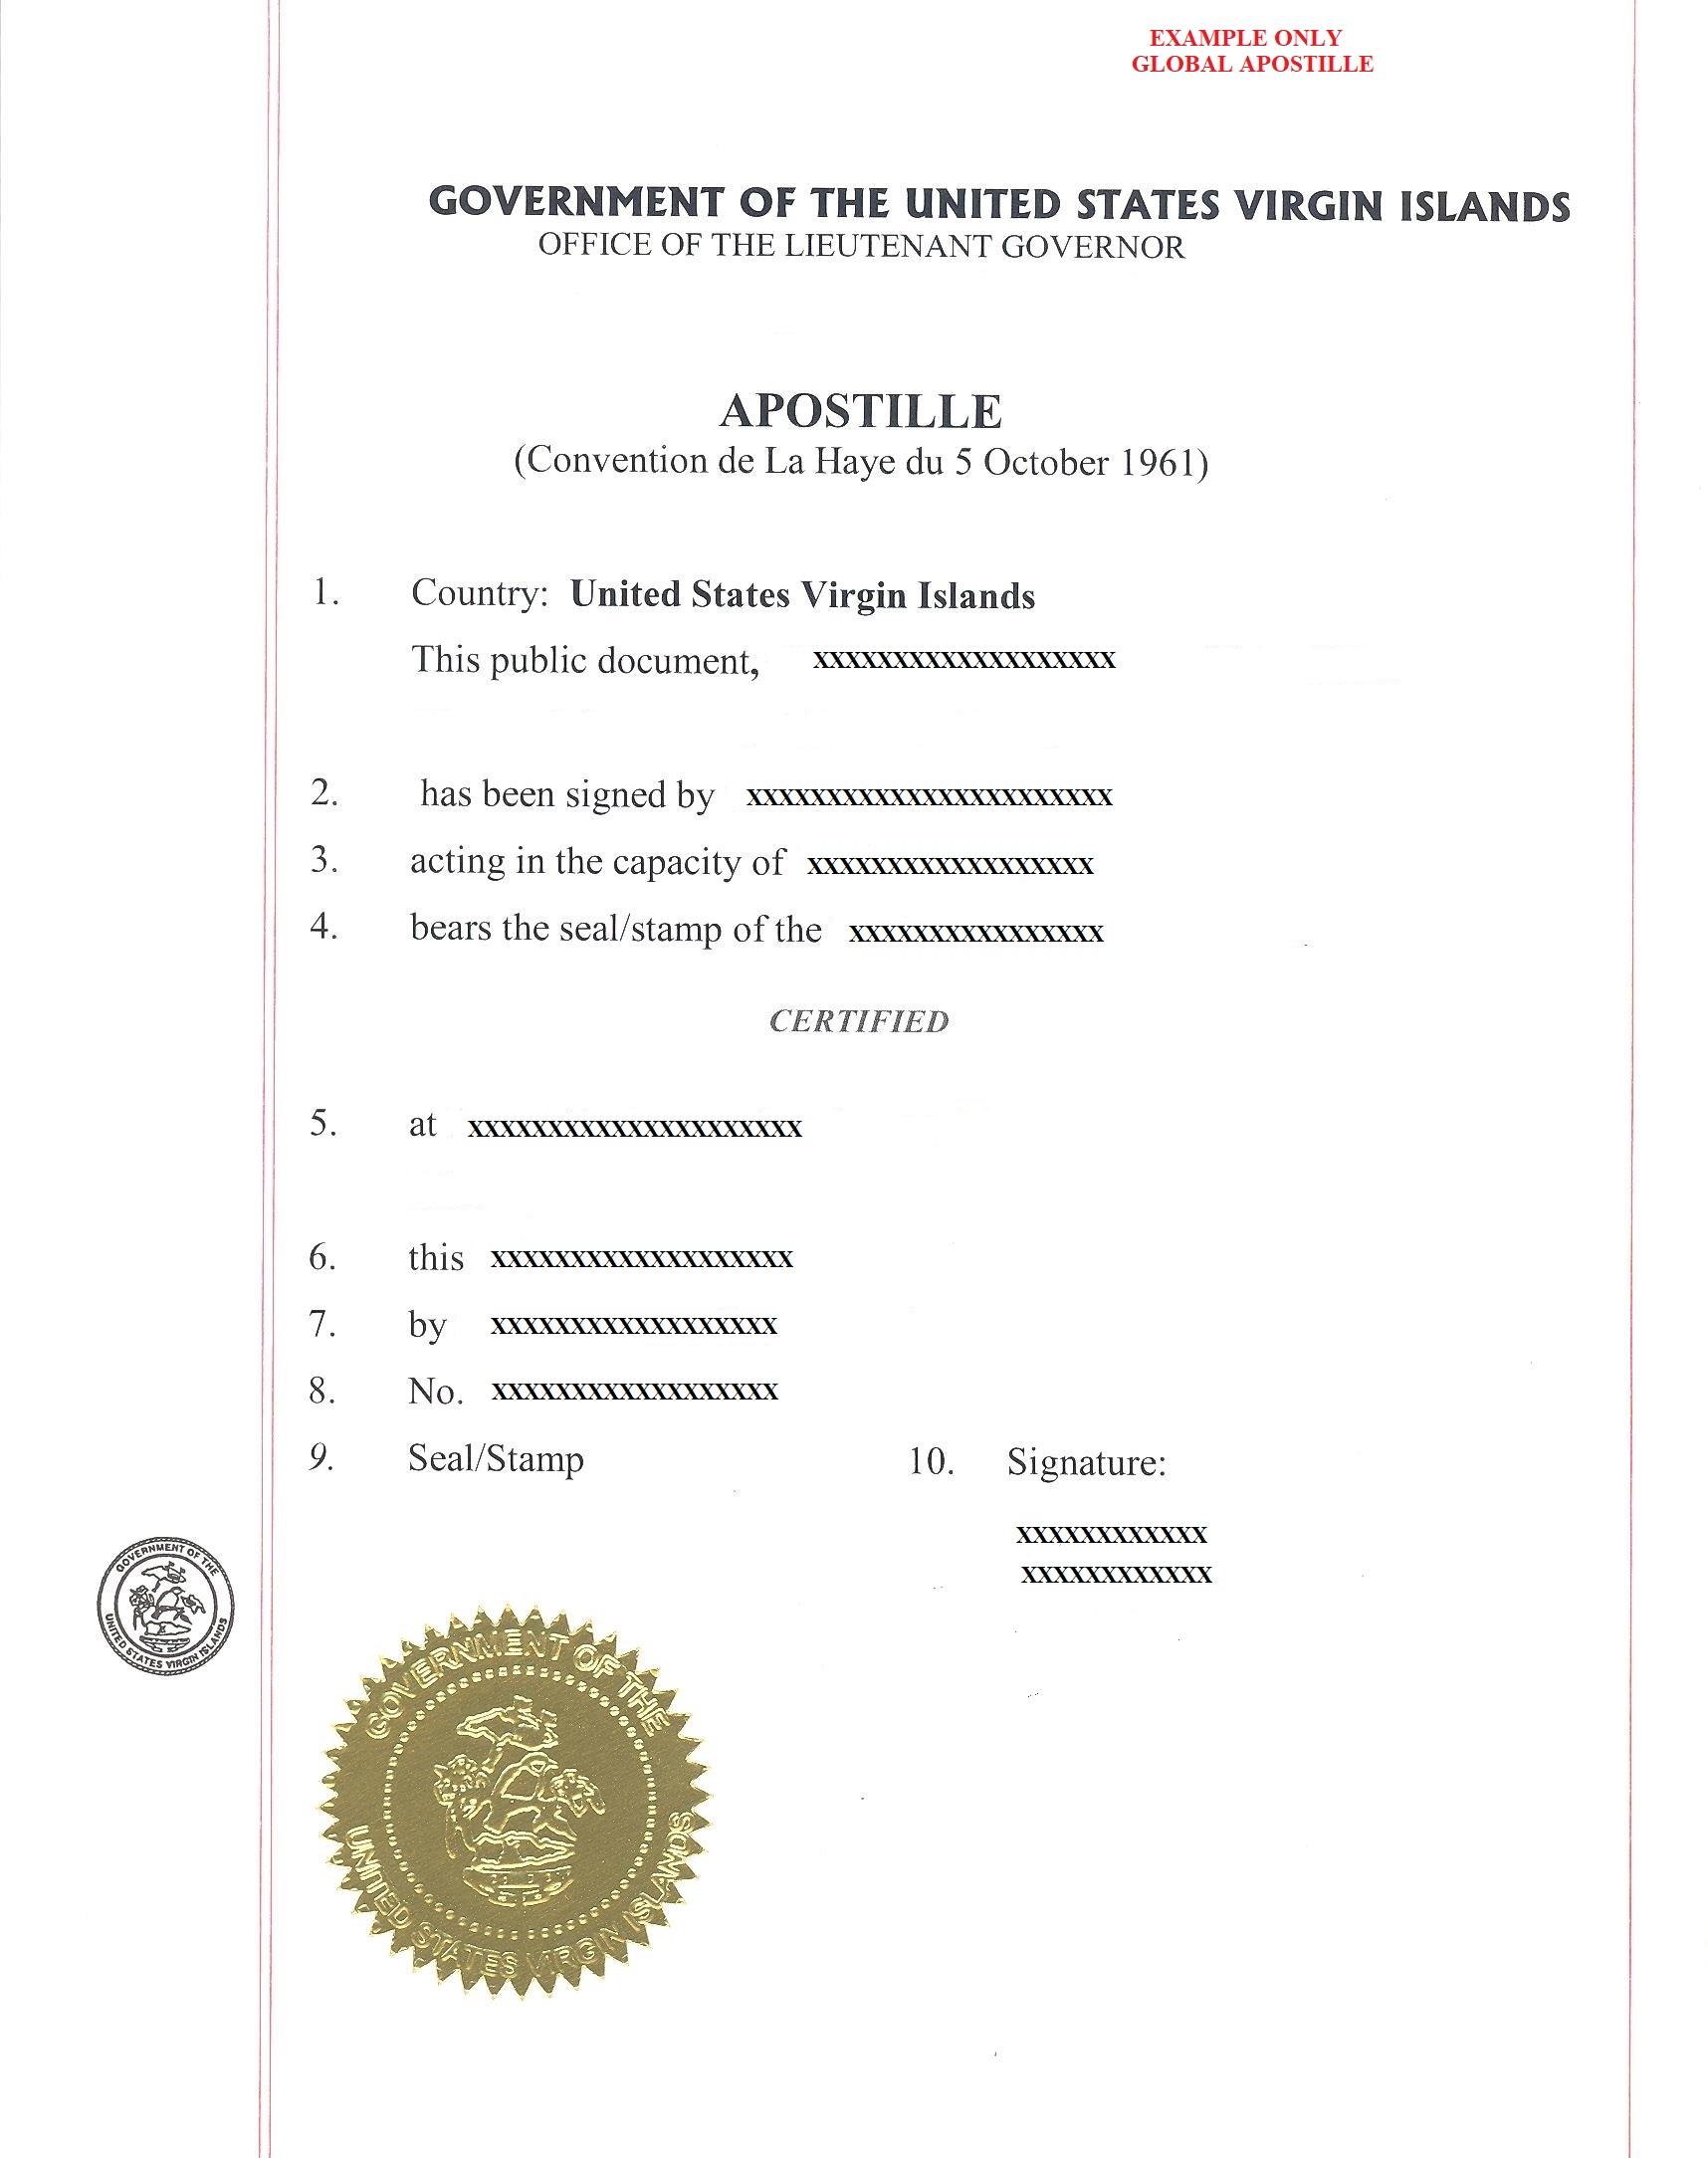 apostille US Virgin islands, апостиль виргинские острова